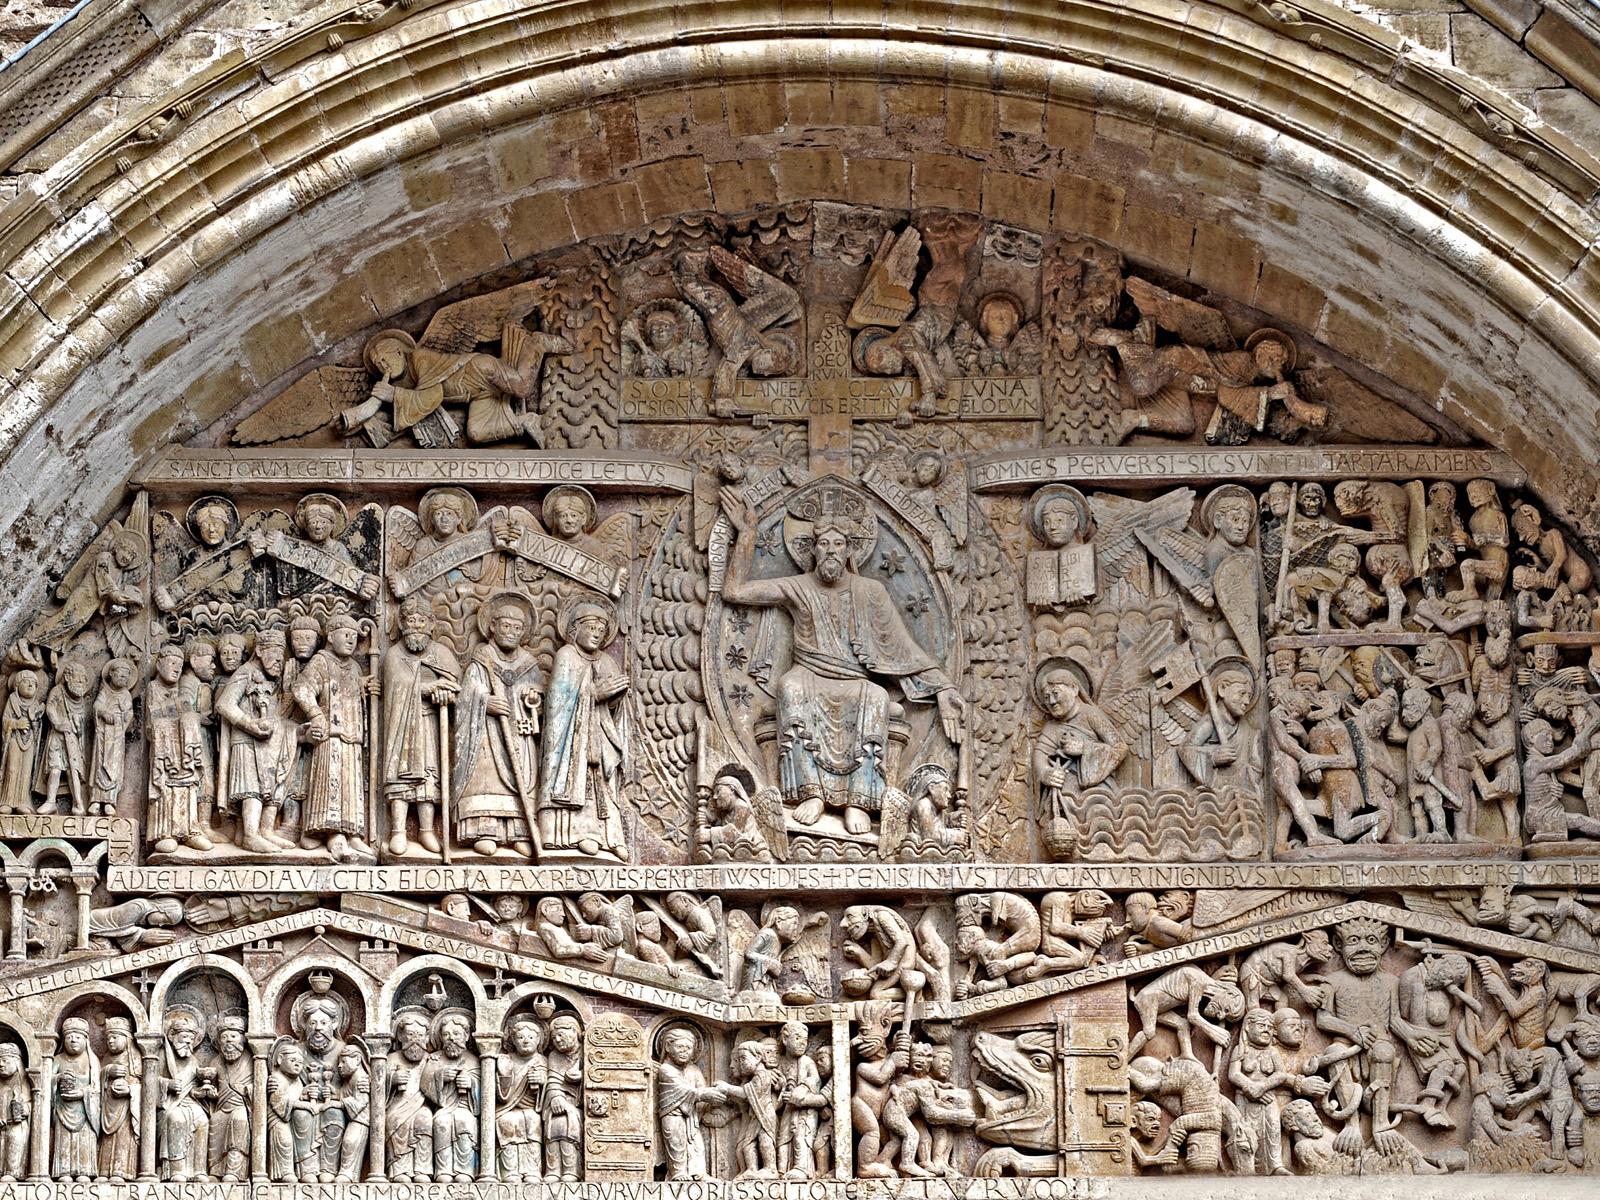 Grand Foyer De L Art Roman : La p tite histoire des grands sites conques entre enfer